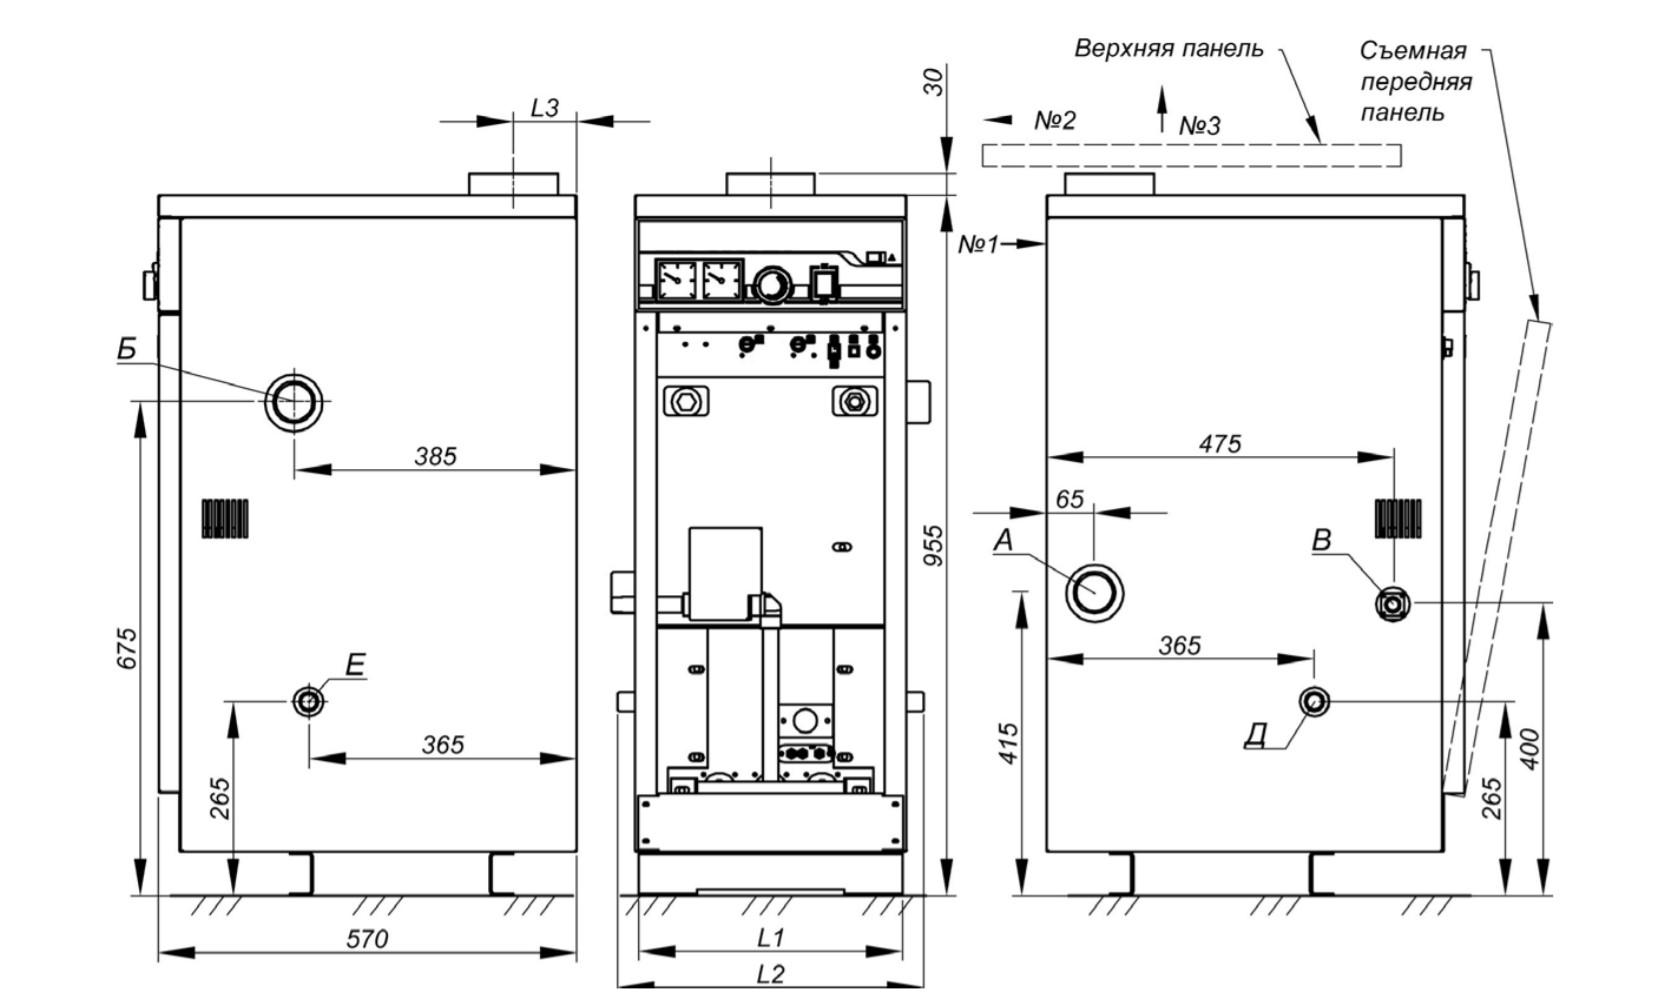 Рисунок 2. Габаритные и присоединительные размеры котла ALFA COMFORT E